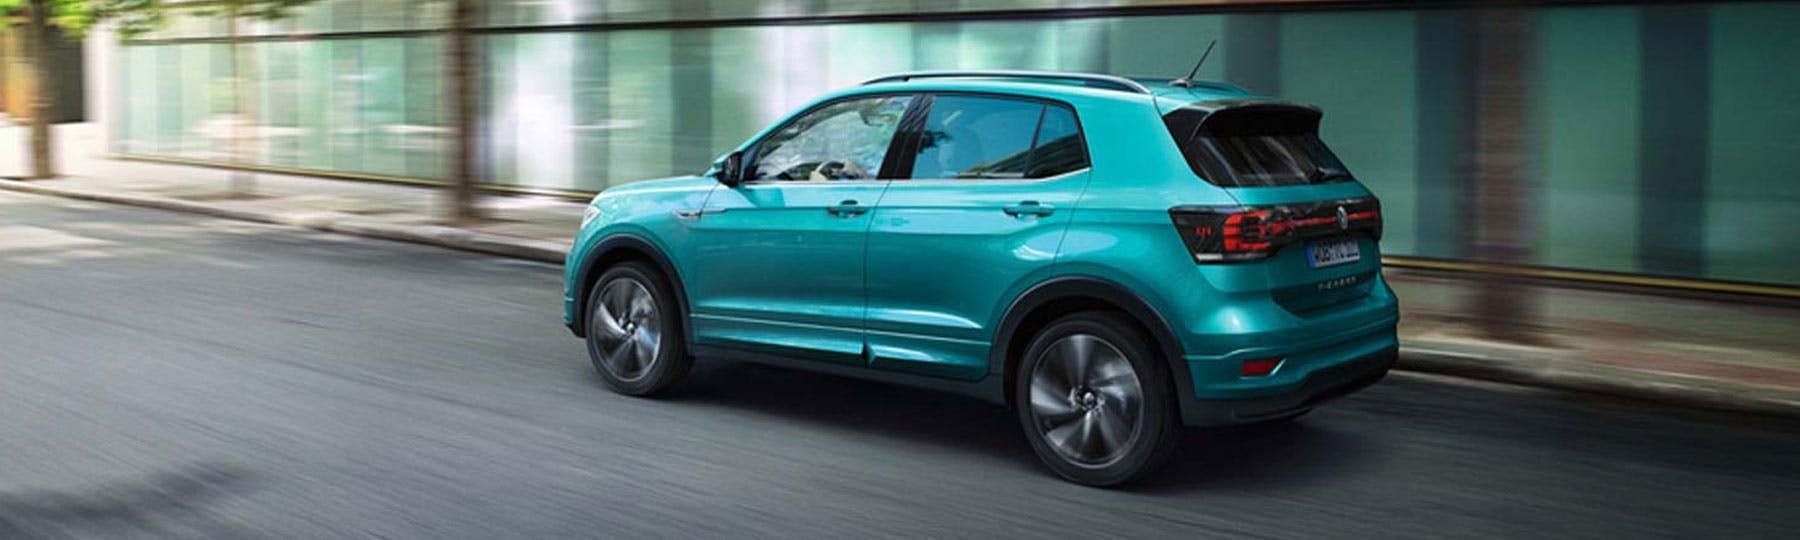 New Volkswagen T-Cross Motability